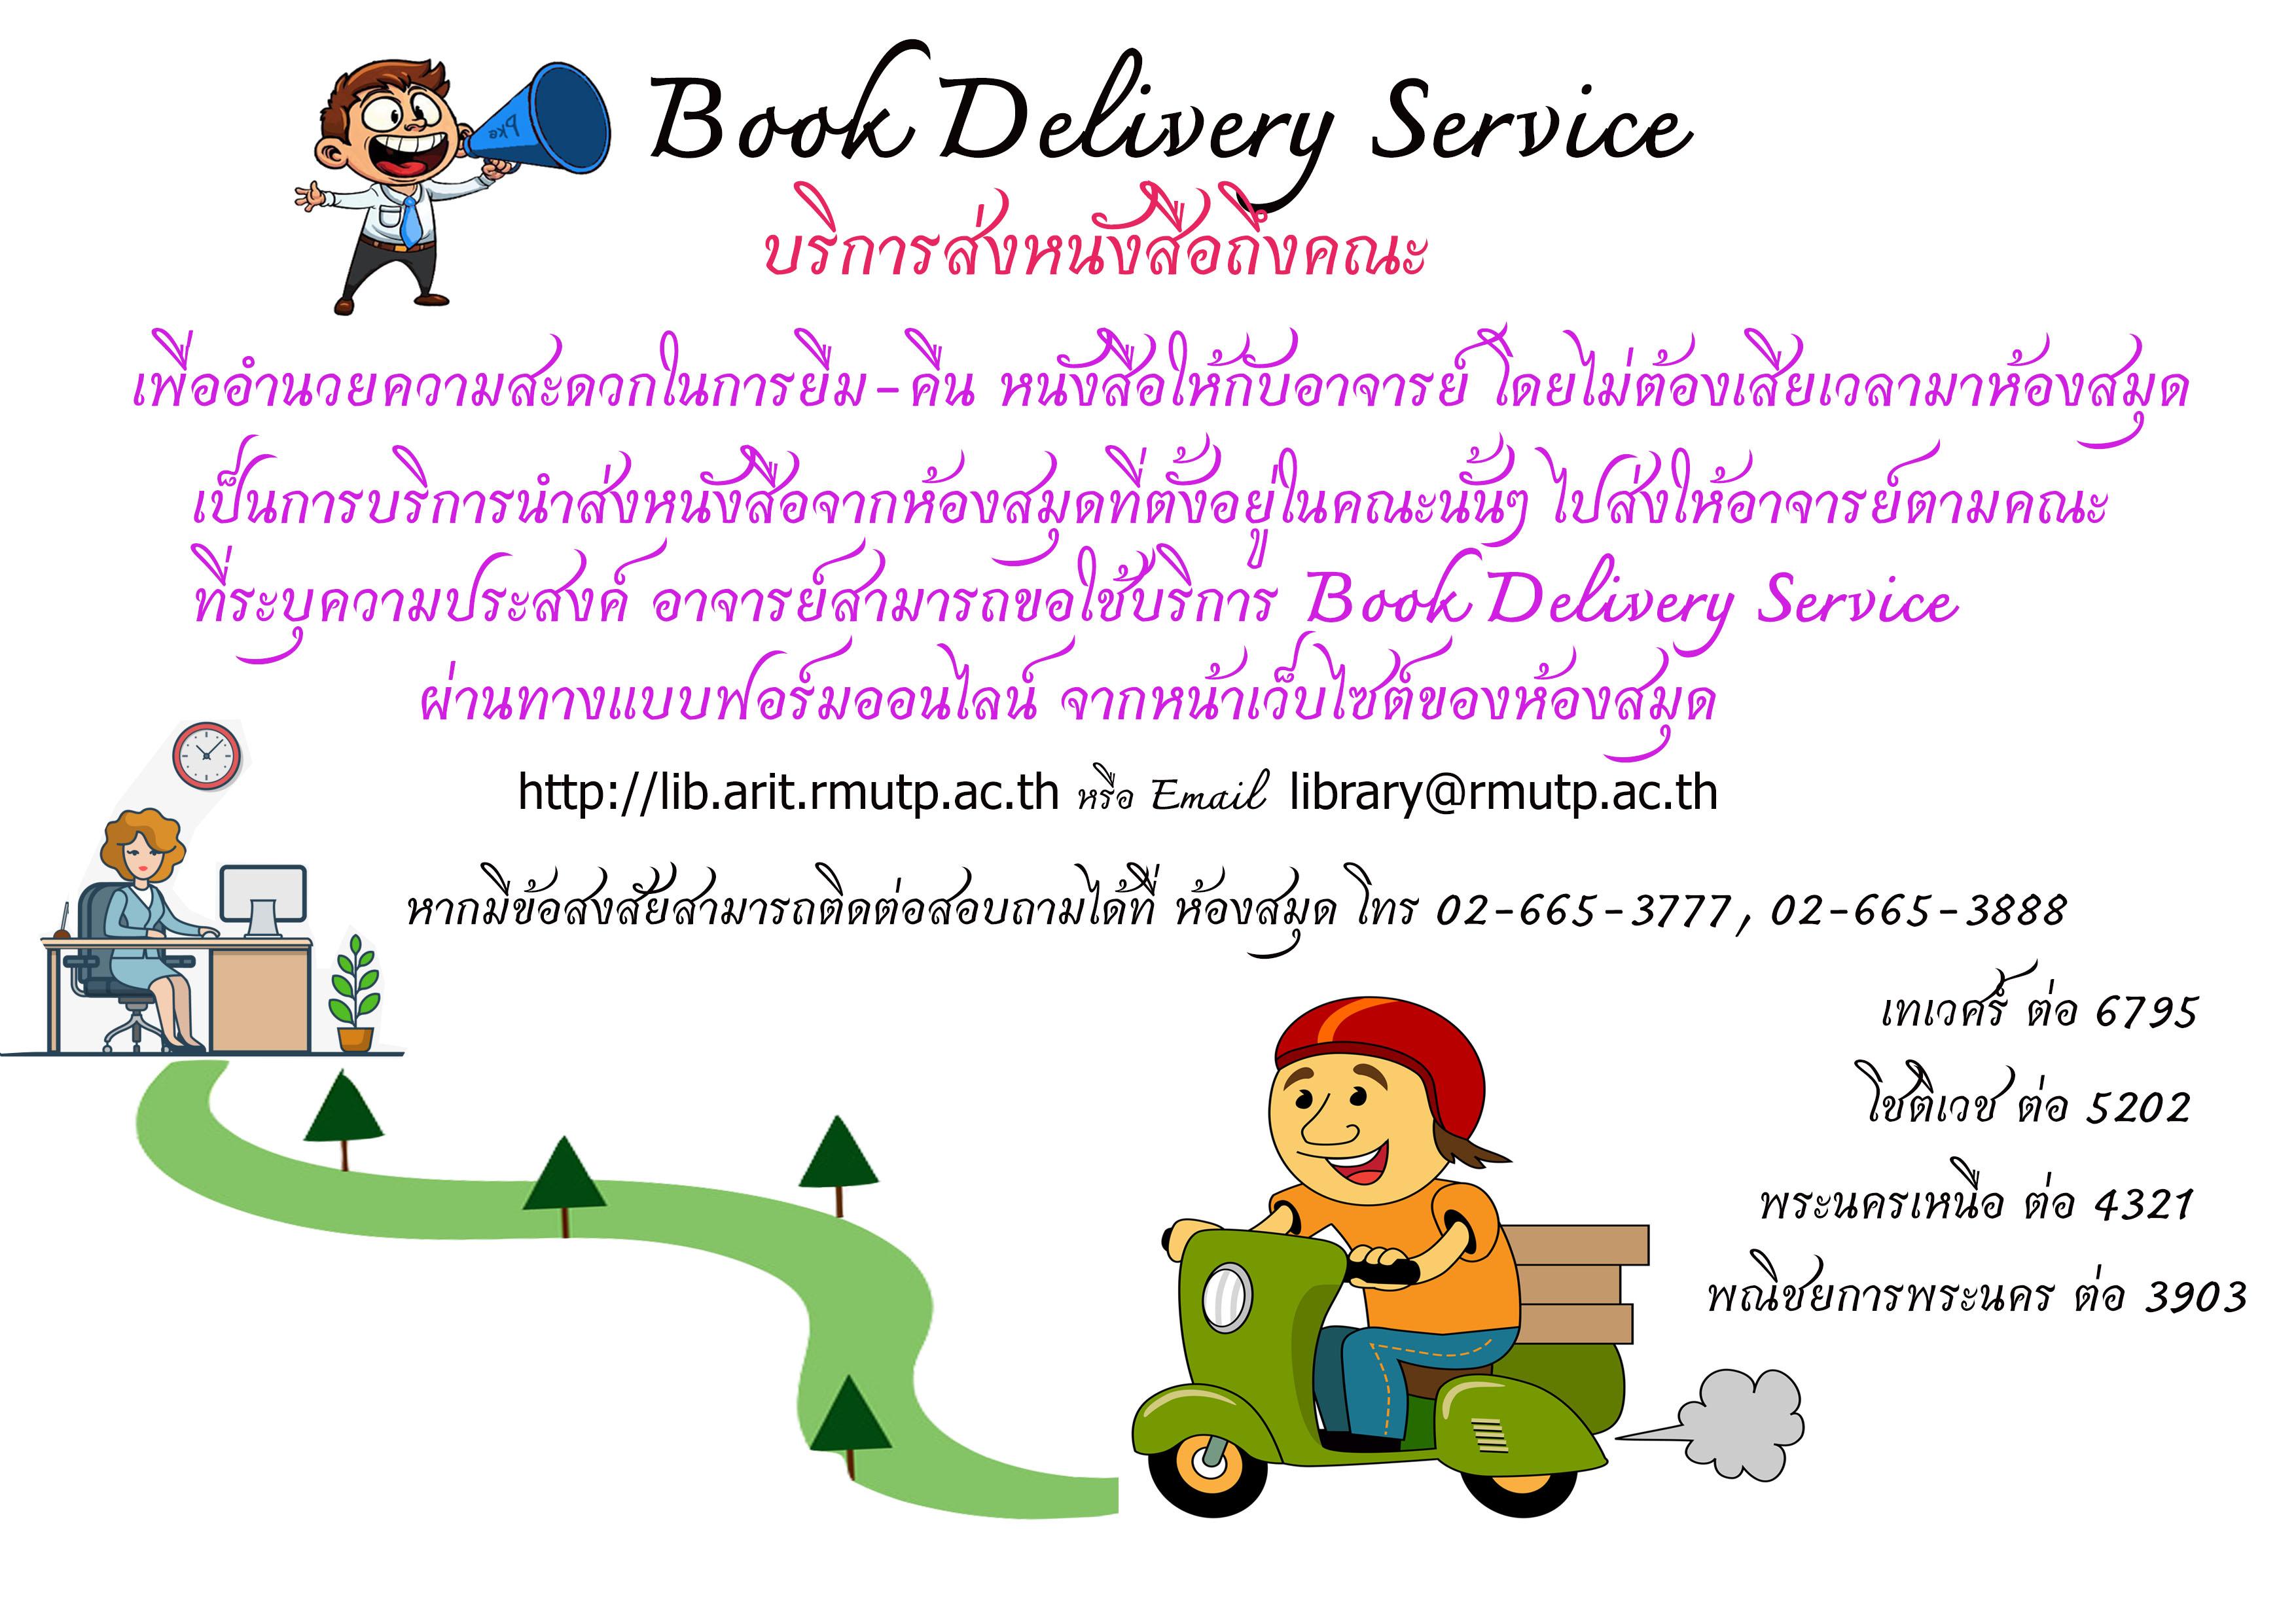 ห้องสมุดบริการเชิงรุก Book Delivery Service ยืม-คืน หนังสือ